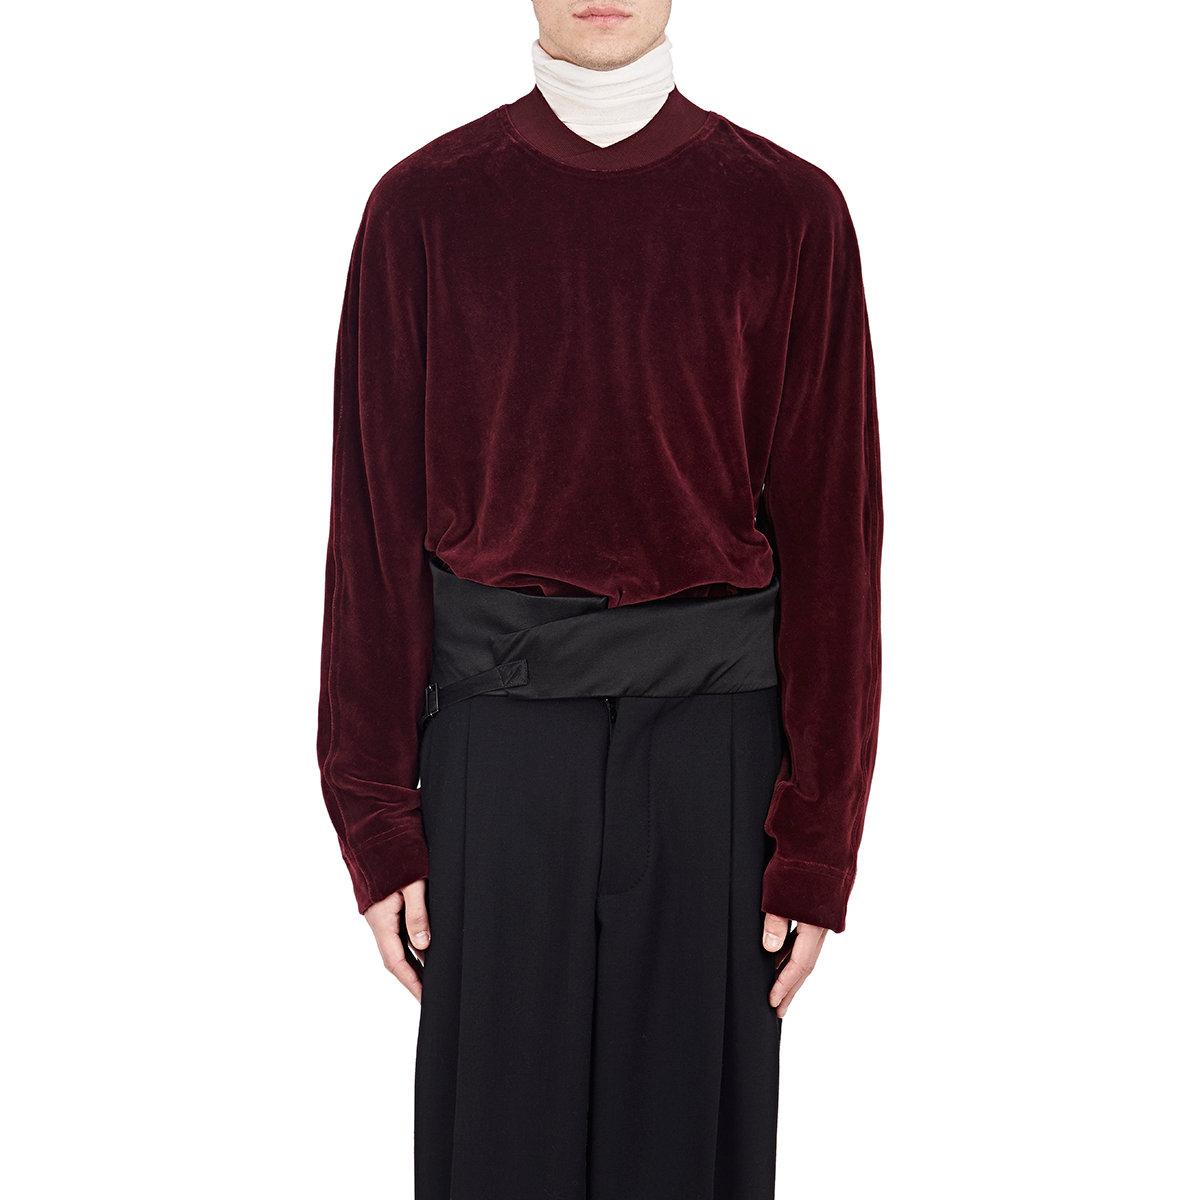 Haider Ackermann Ribbed Inset Velvet Sweatshirt In Red For